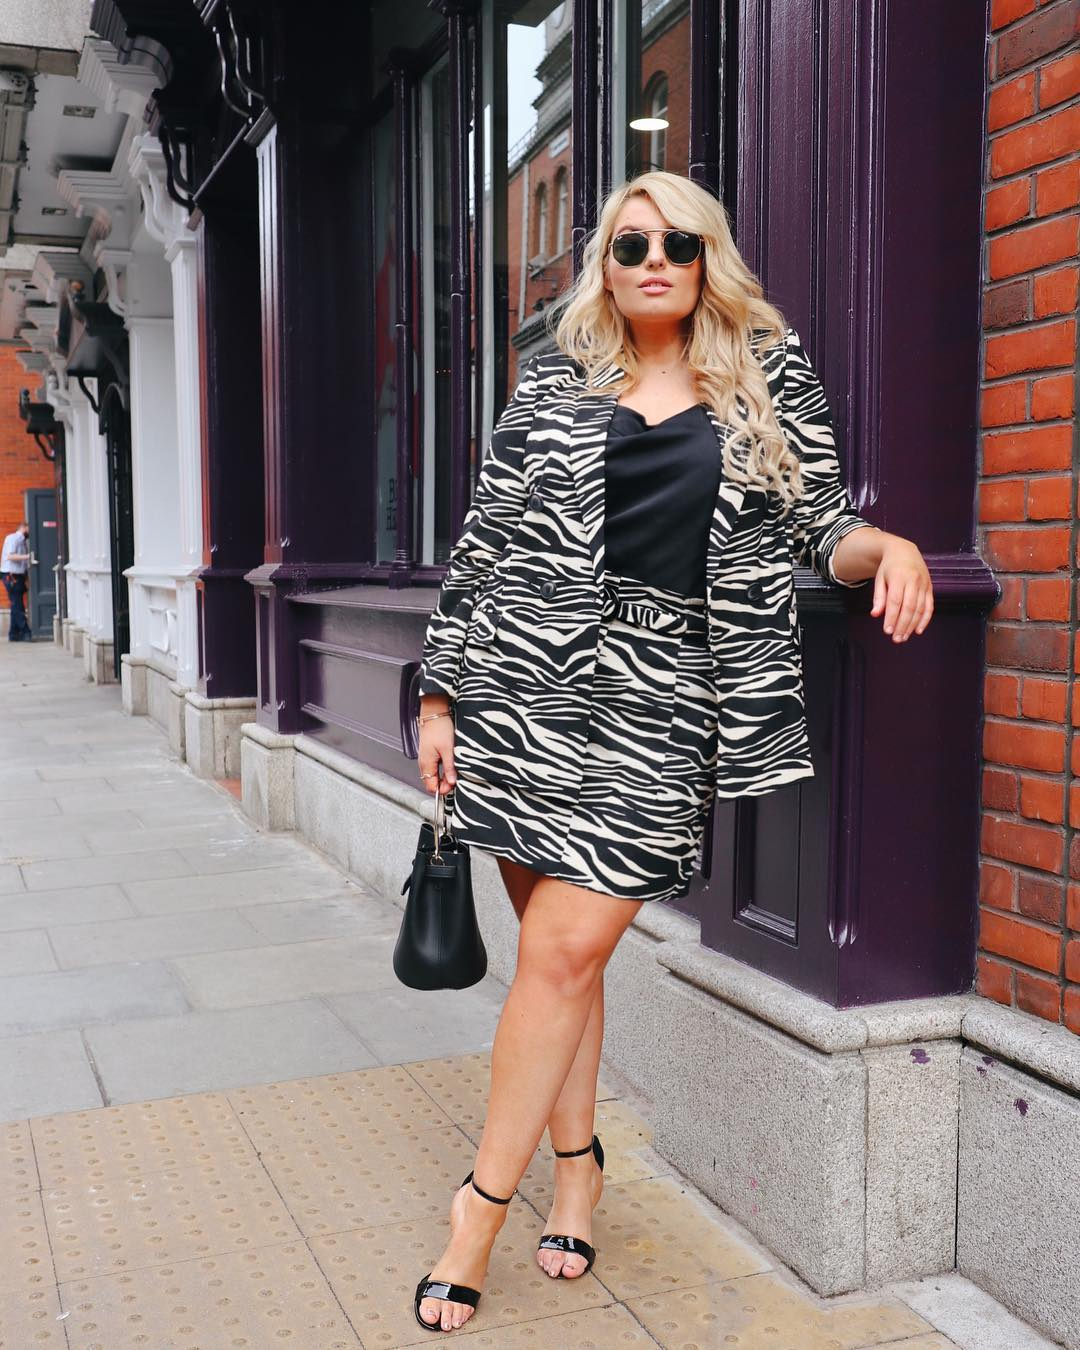 """Деловой стиль лета 2019 для дам размера """"плюс"""" - 12 элегантных образов мода,мода для полных,модный обзор,образ,тенденции"""